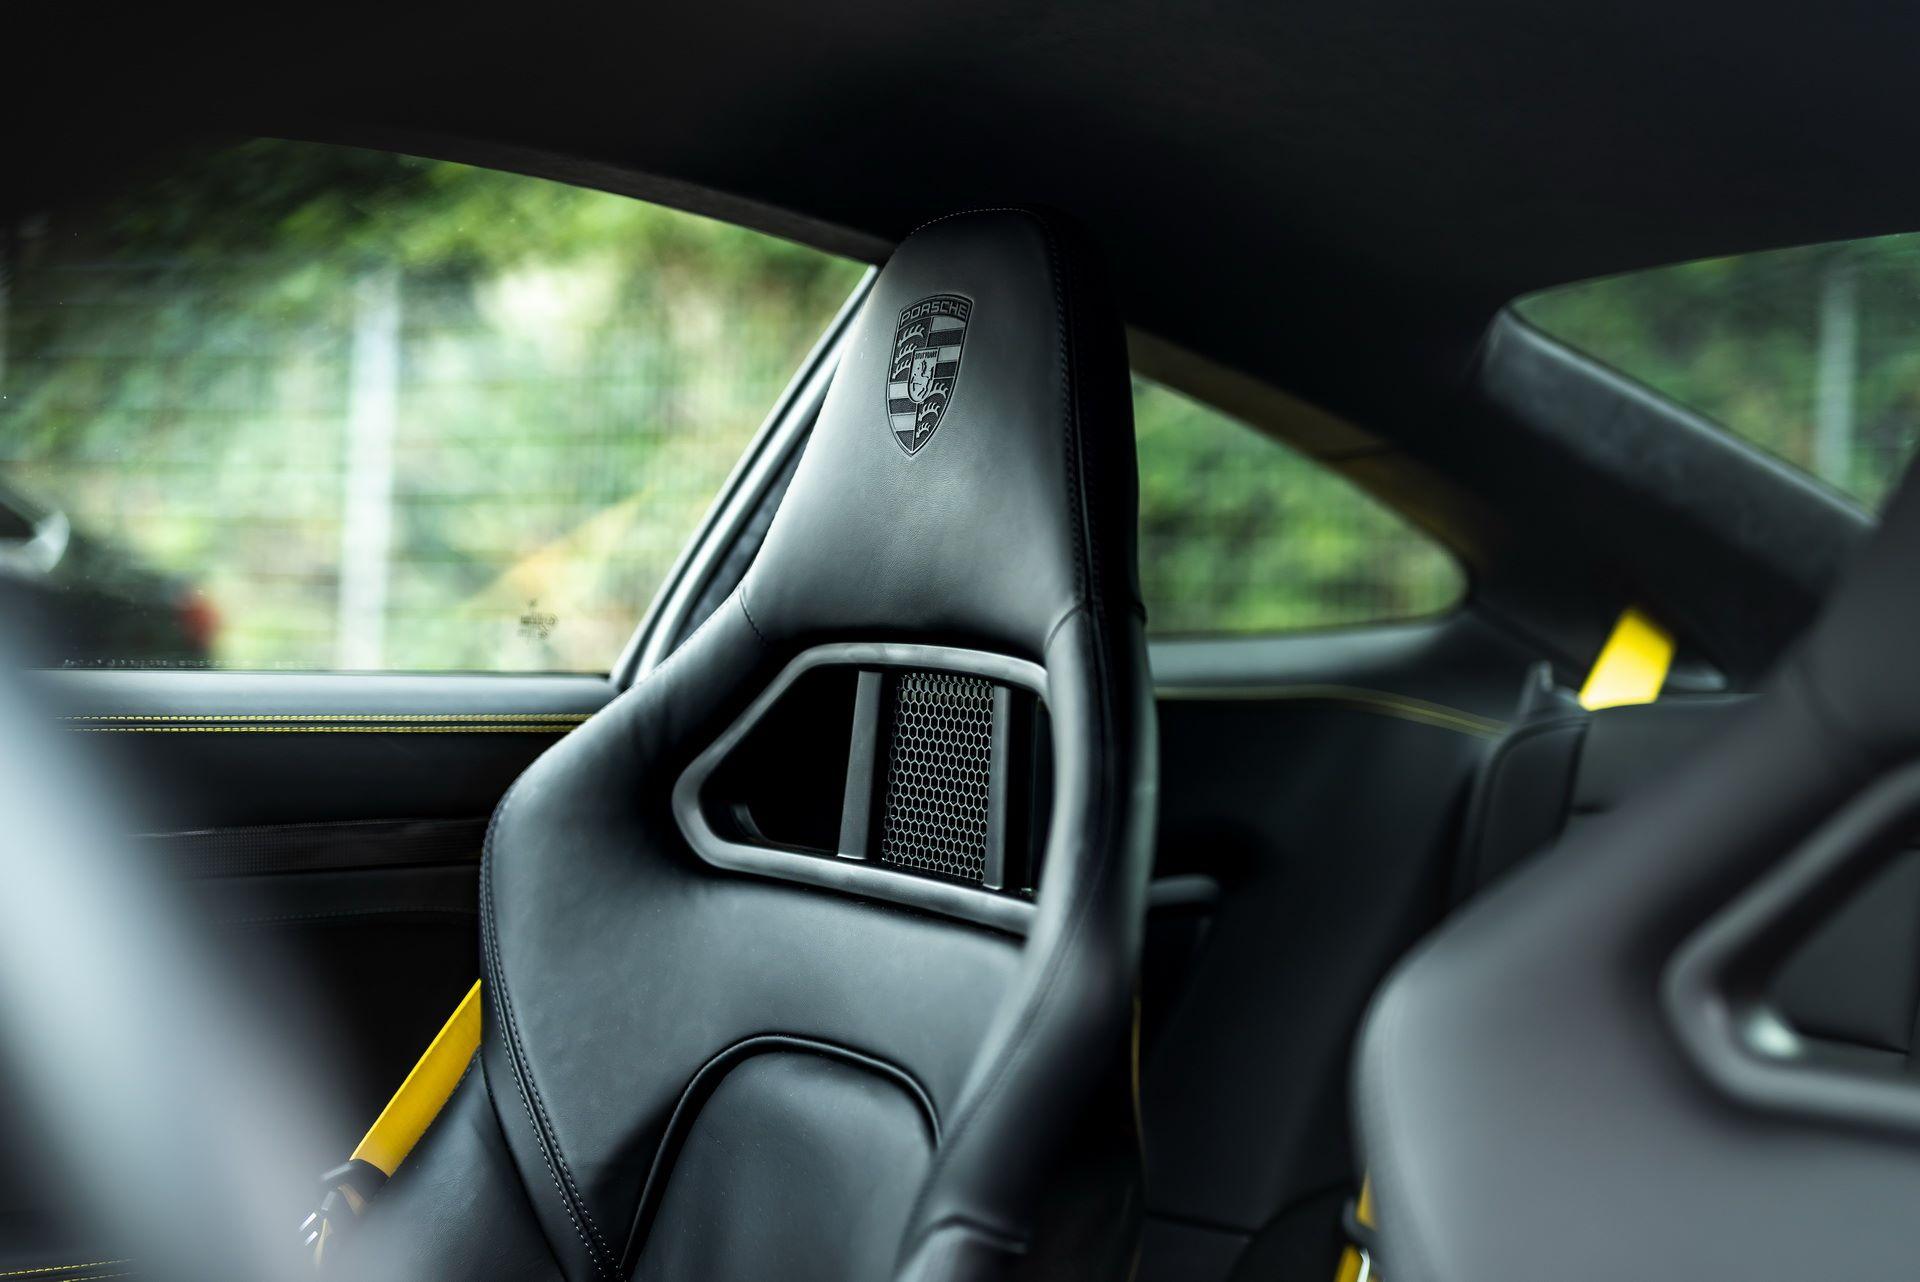 Porsche-911-Turbo-S-by-Manhart-18